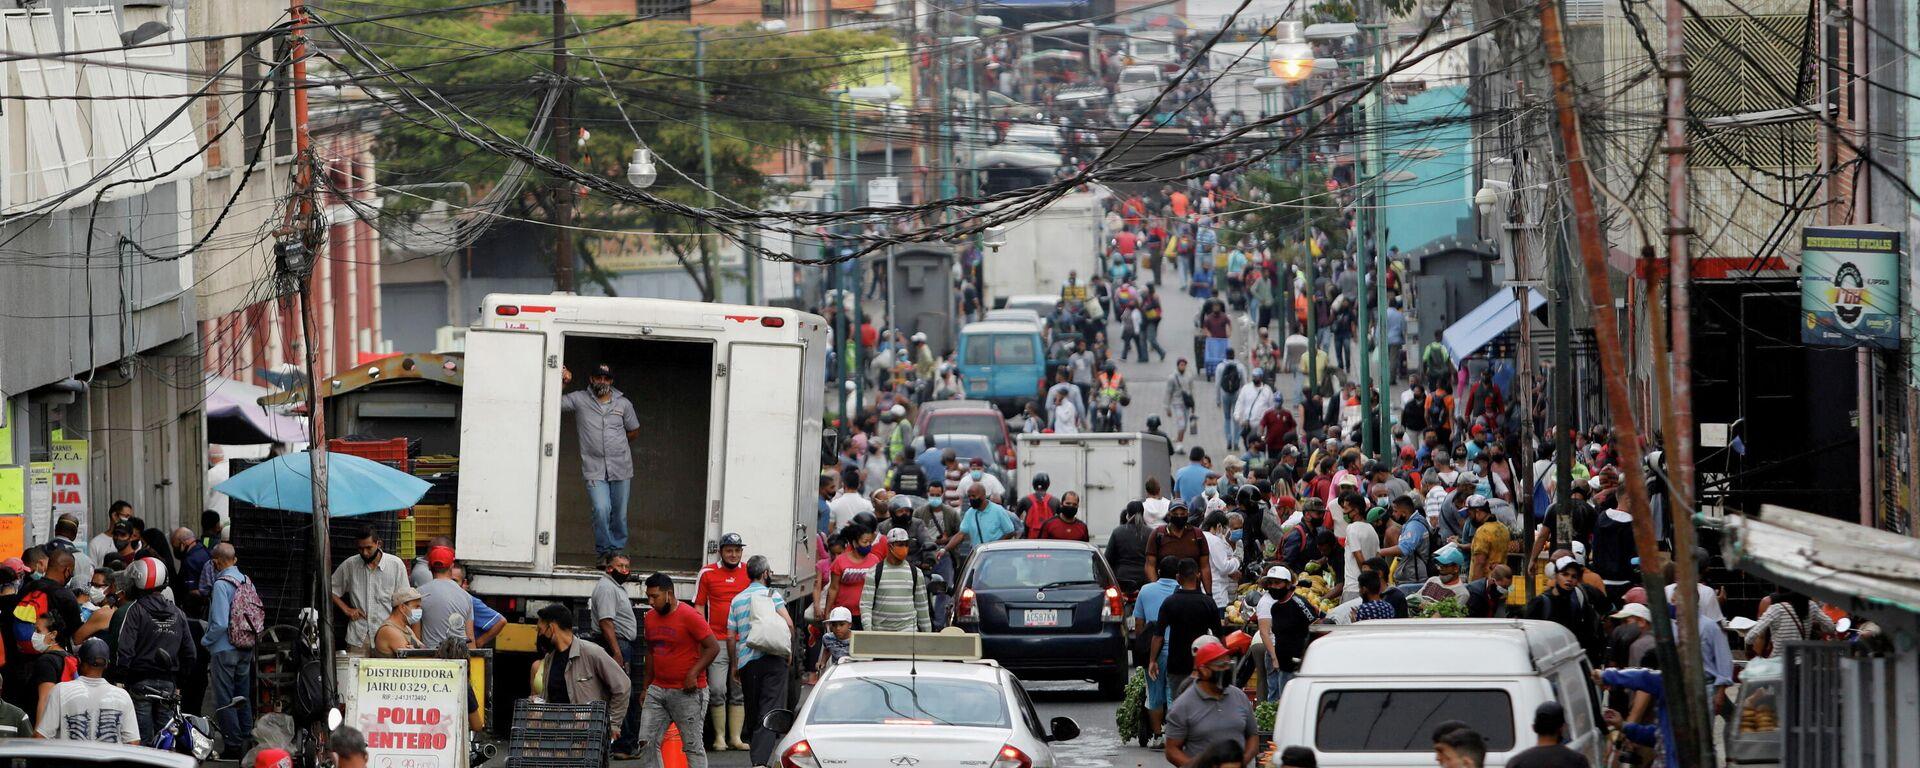 Caracas, Venezuela - Sputnik Mundo, 1920, 19.05.2021